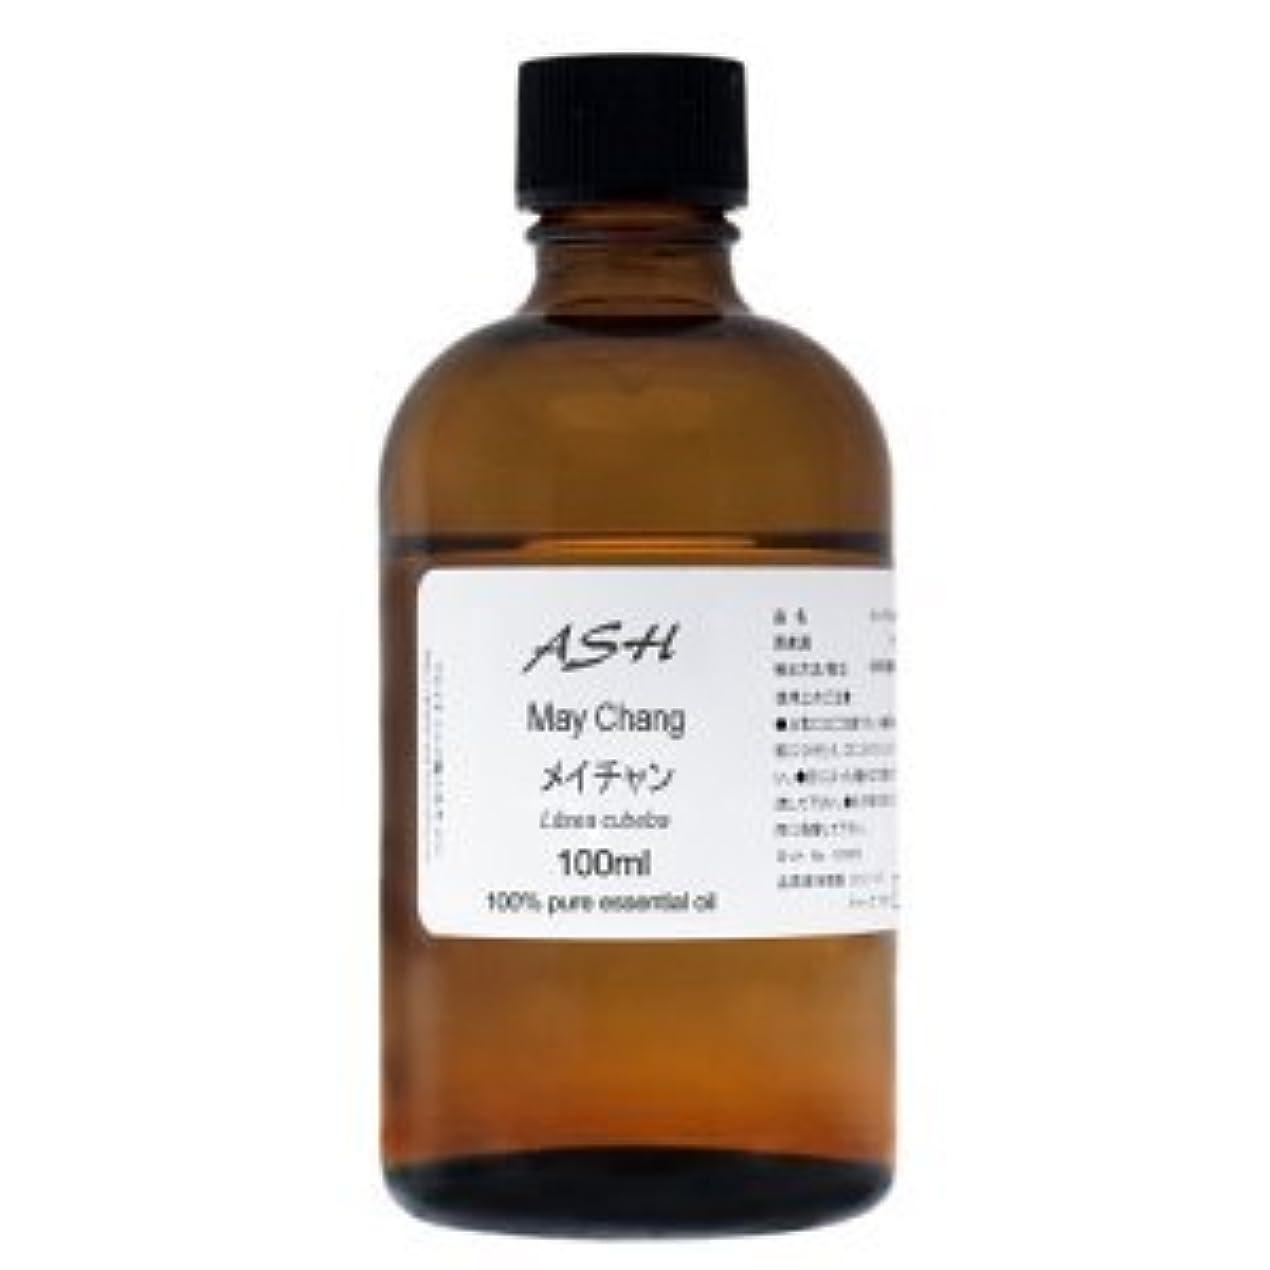 ステープル高く実行ASH メイチャン エッセンシャルオイル 100ml AEAJ表示基準適合認定精油